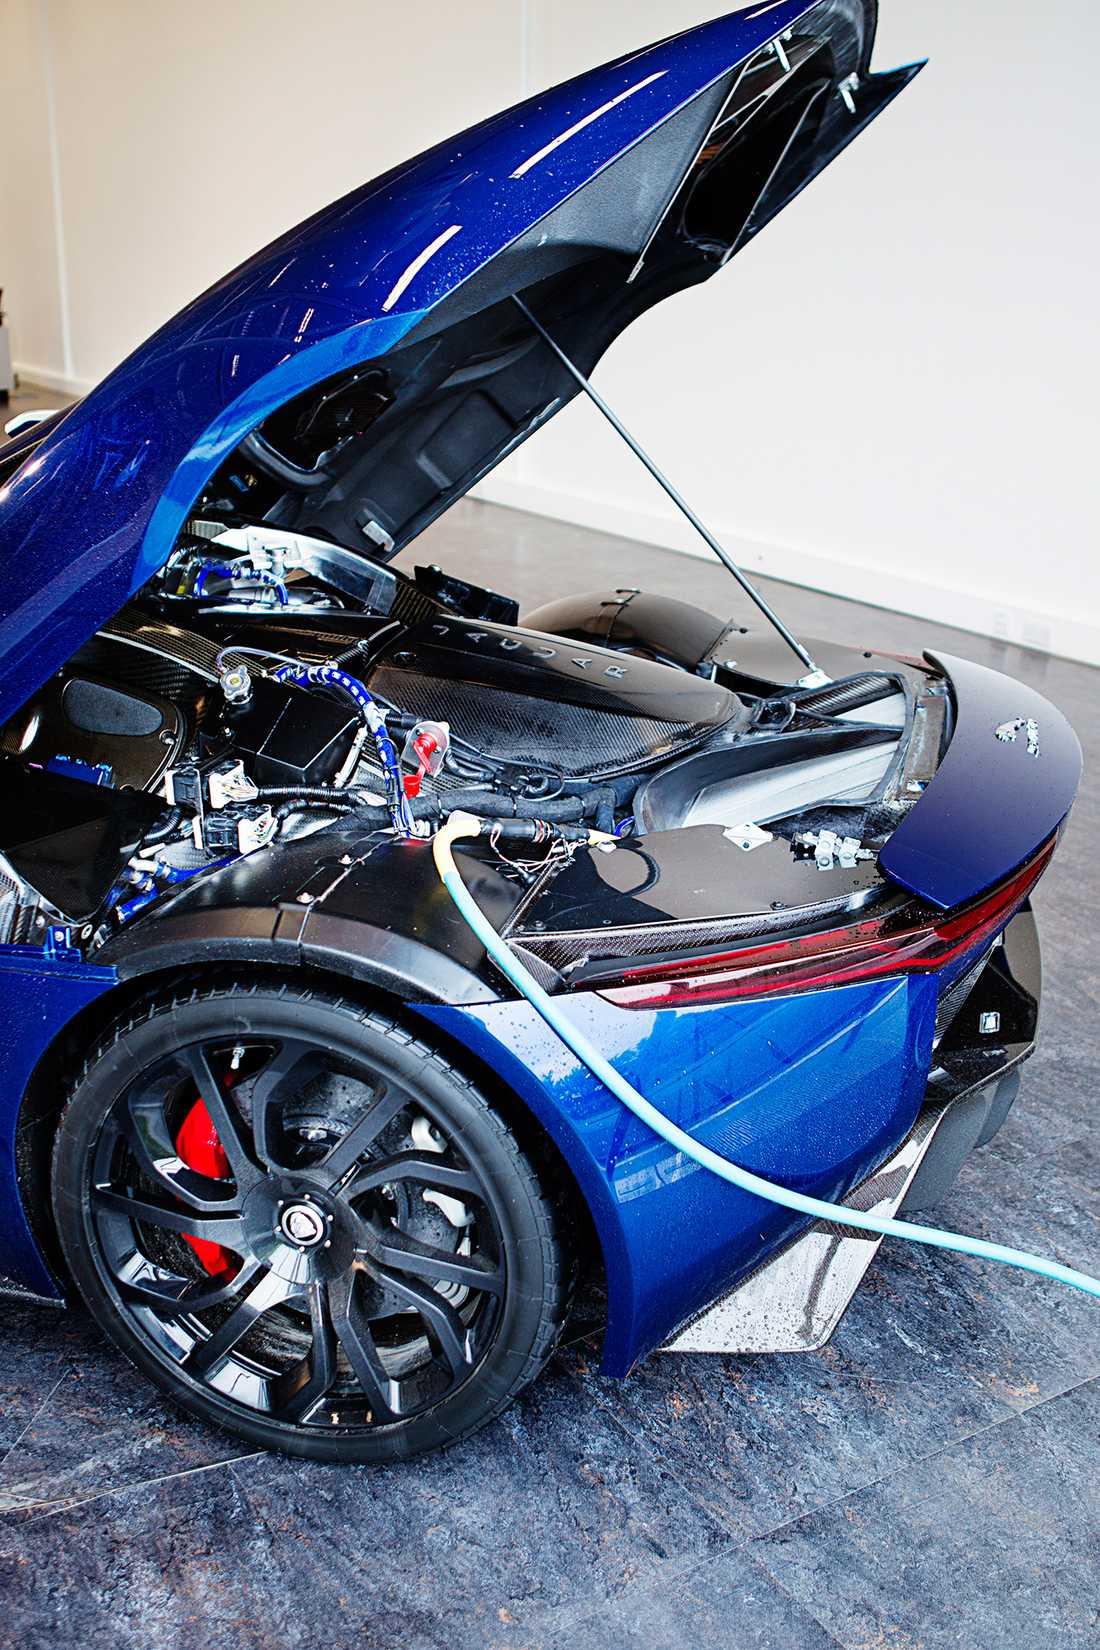 Batterierna återladdas på 40 minuter. Samma sak gäller dessvärre inte för däcken.